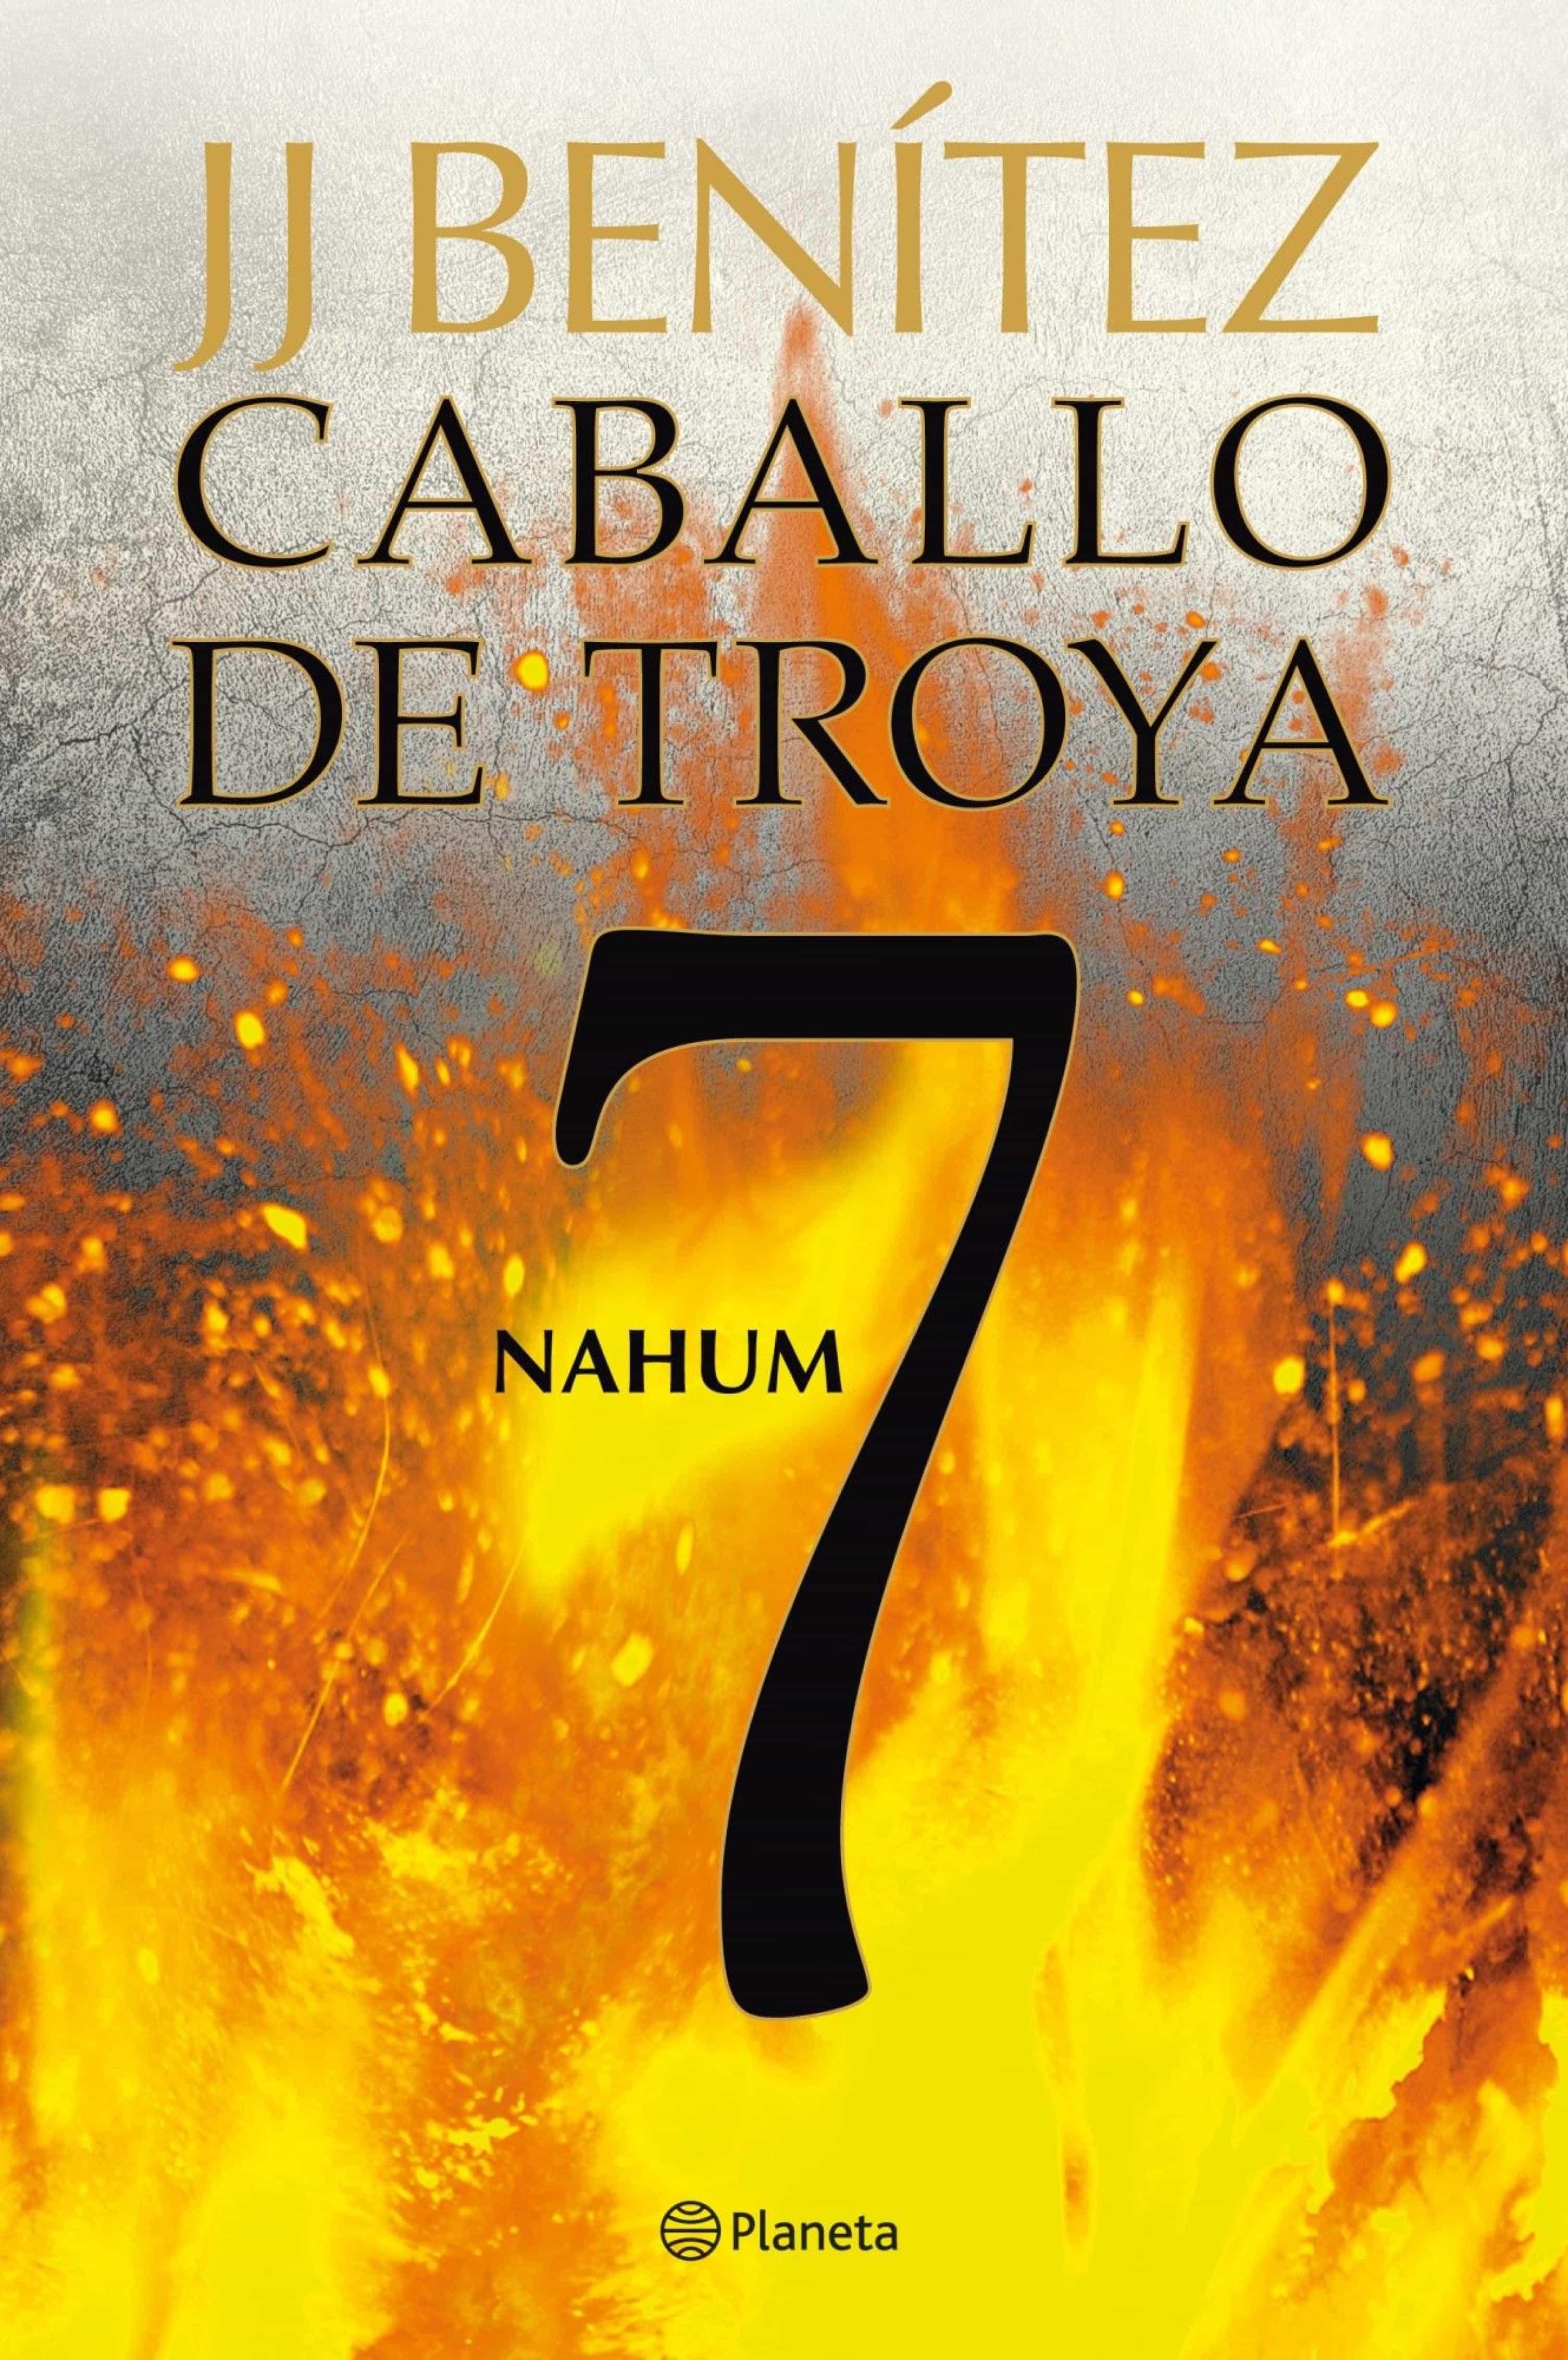 caballo de troya 7 nahum pdf